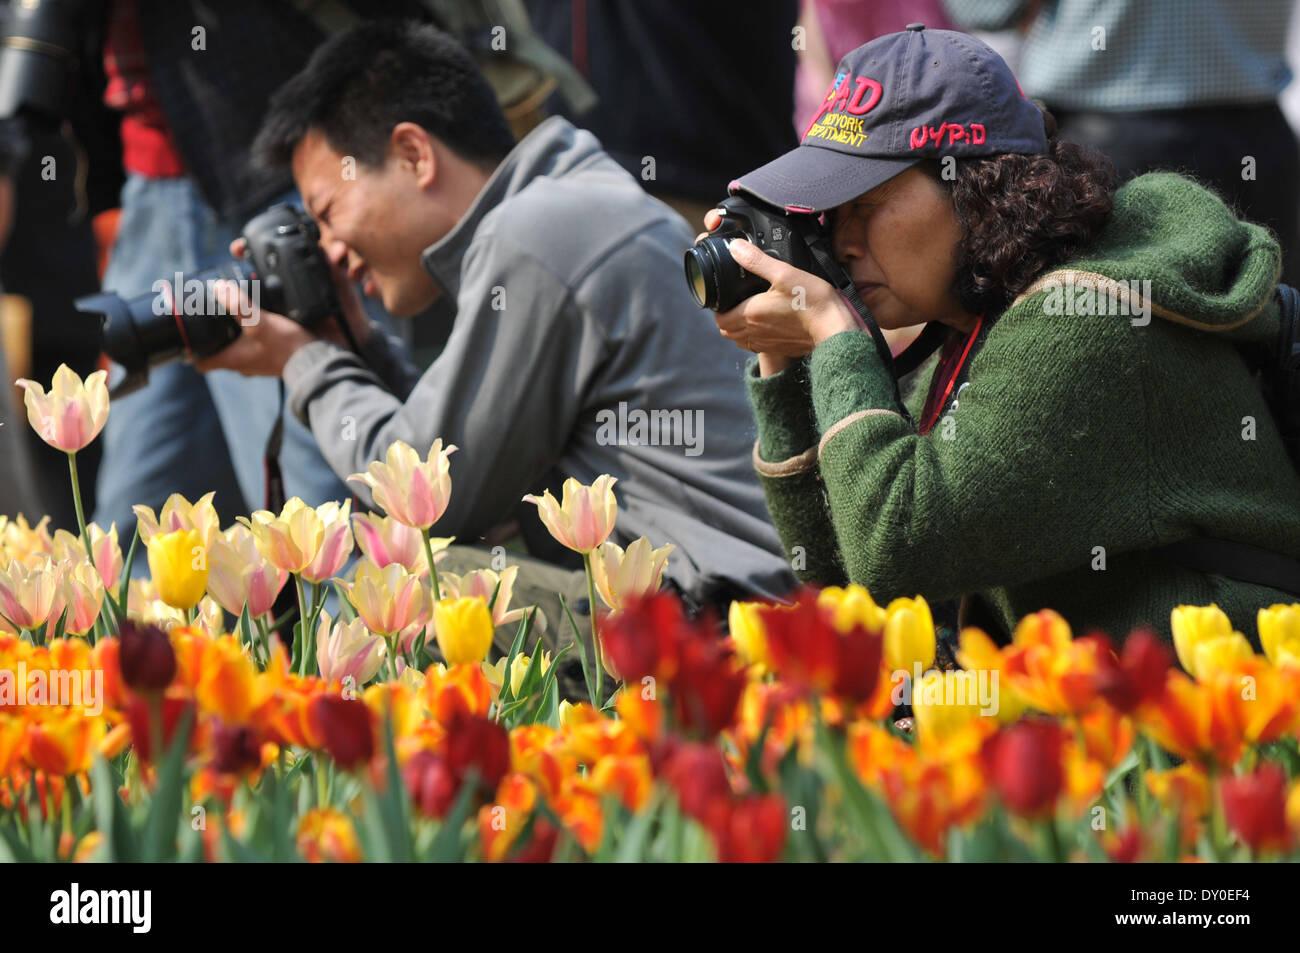 Zhengzhou, China's Henan Province. 2nd Apr, 2014. Tourists take photos of tulip flowers at a park in Zhengzhou, Stock Photo